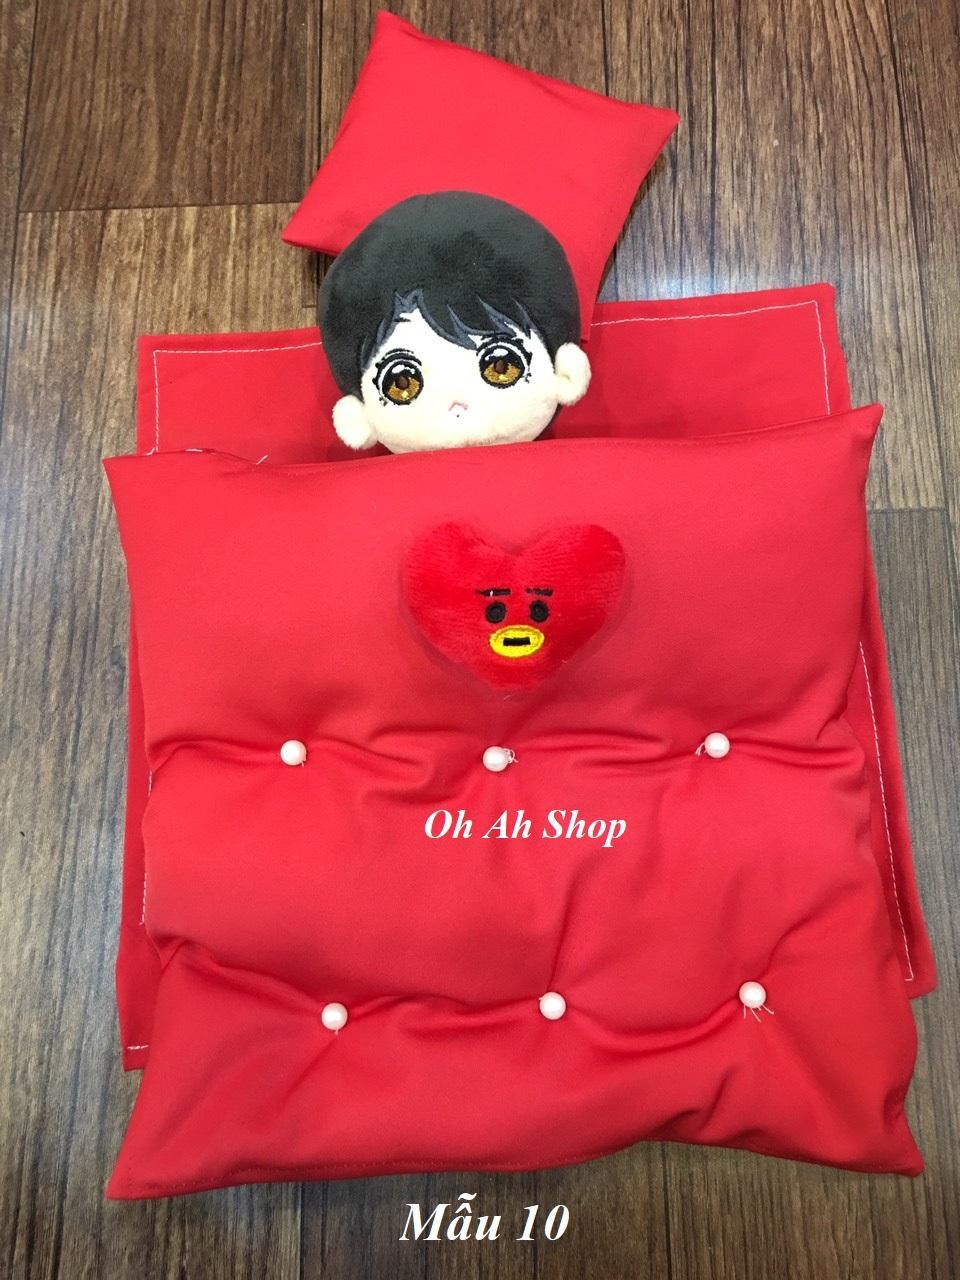 Bộ Chăn Ga Gối đệm Cho Doll Giá Rẻ Bất Ngờ